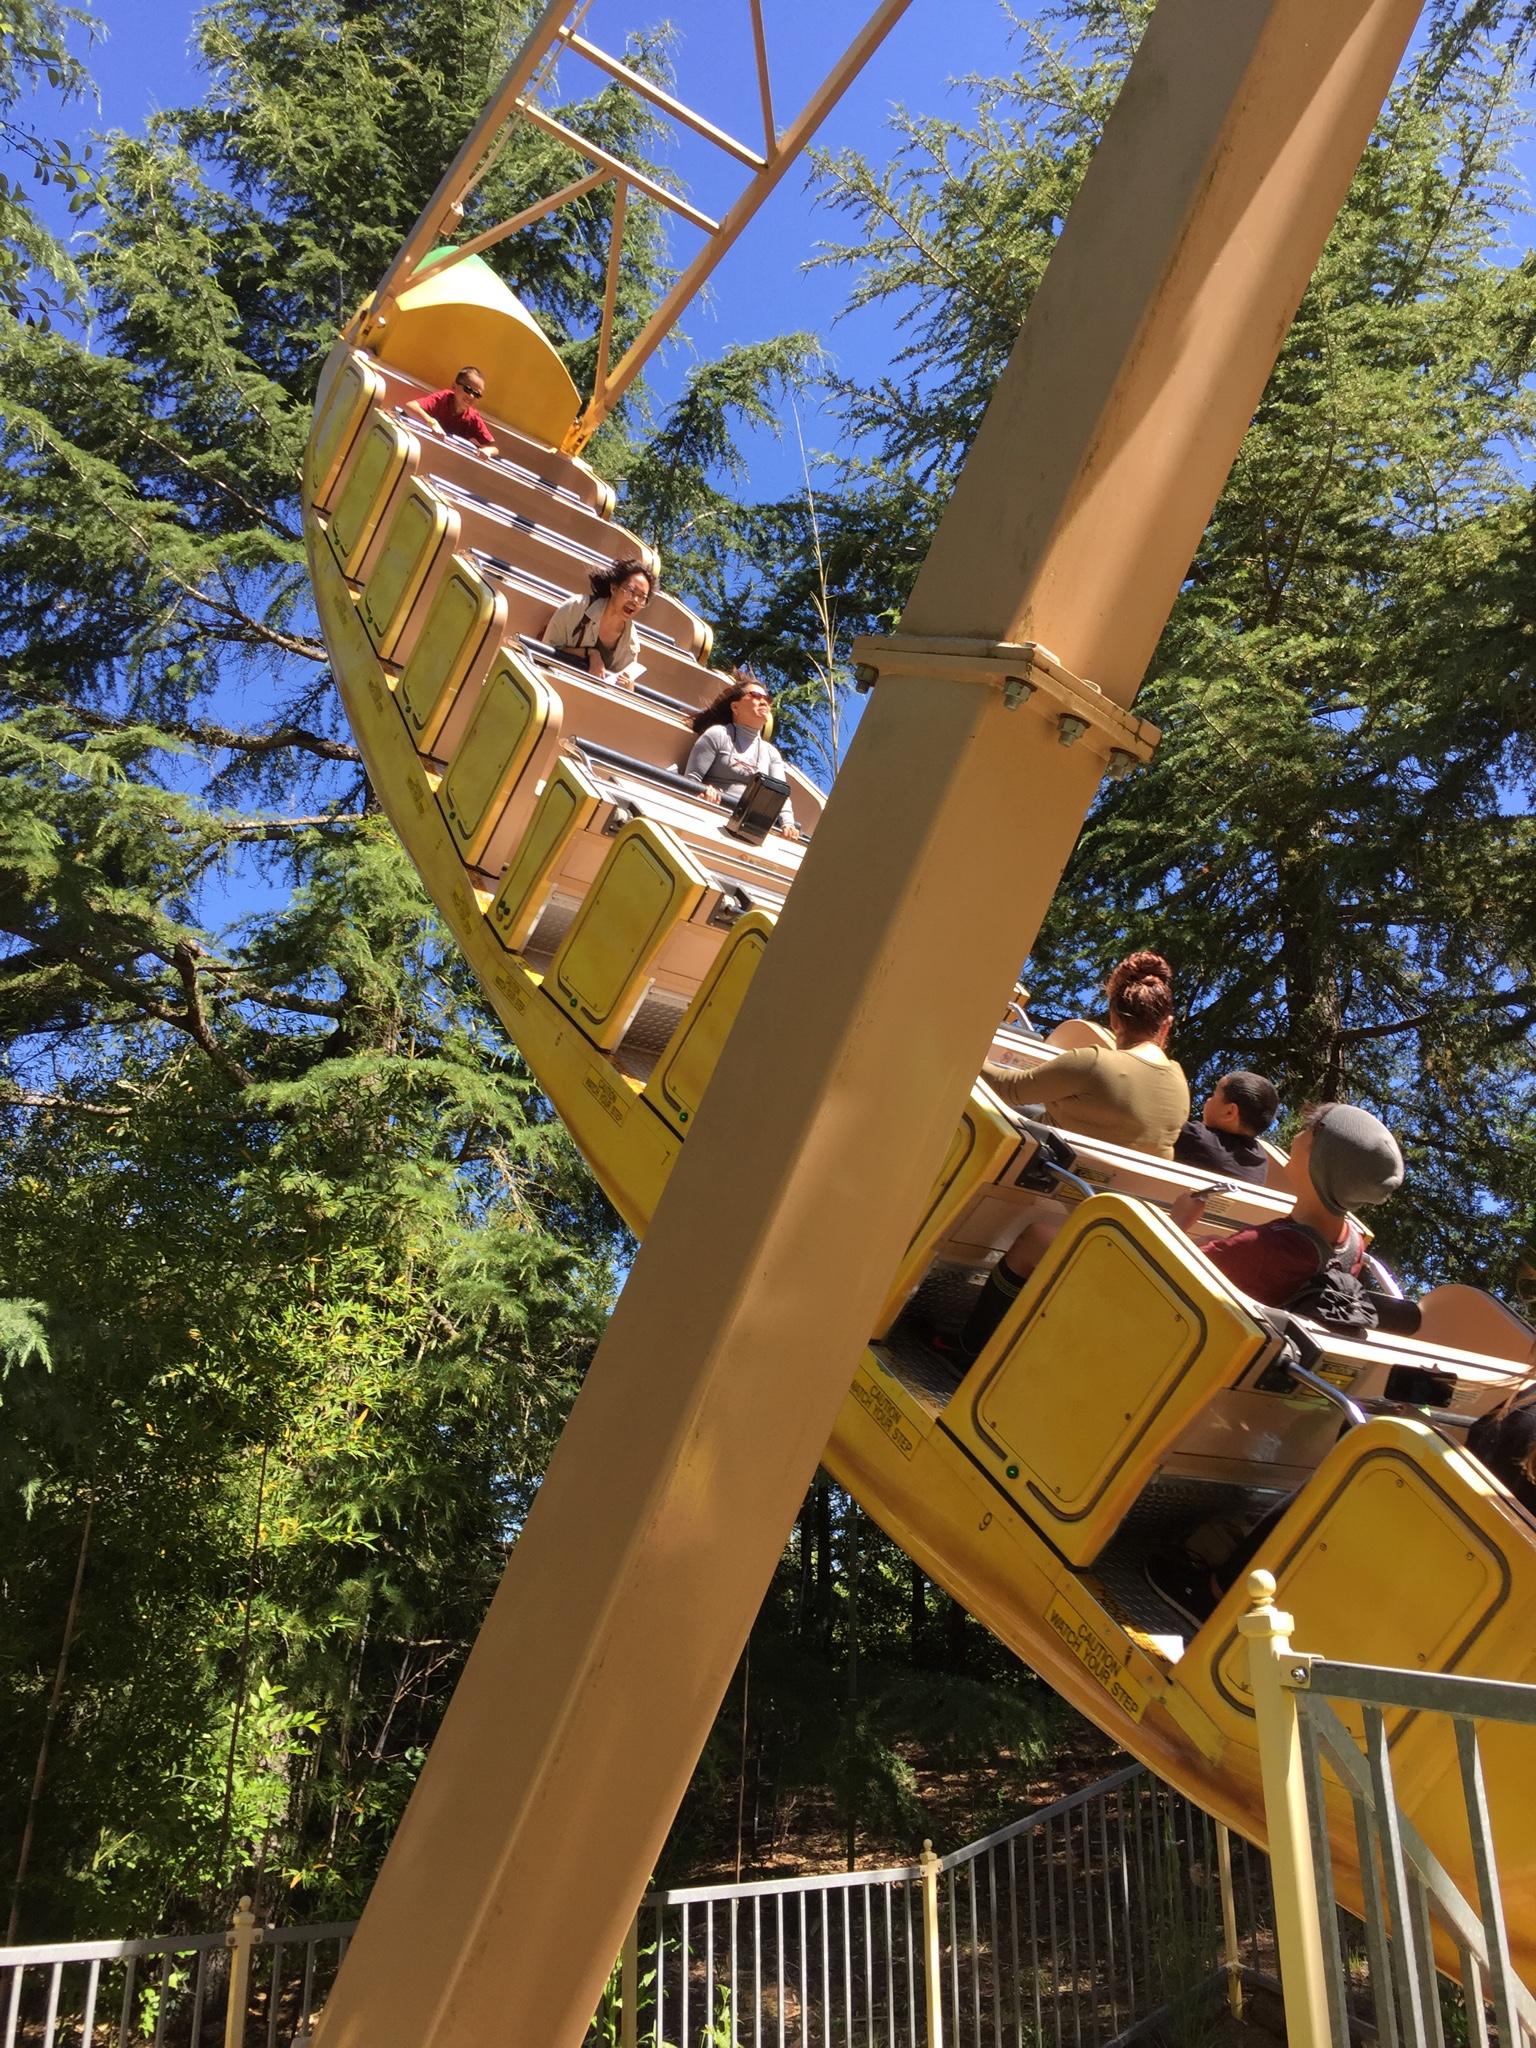 Gilroy Gardens Family Theme Park 3050 Hecker Pass Rd, Gilroy, CA ...